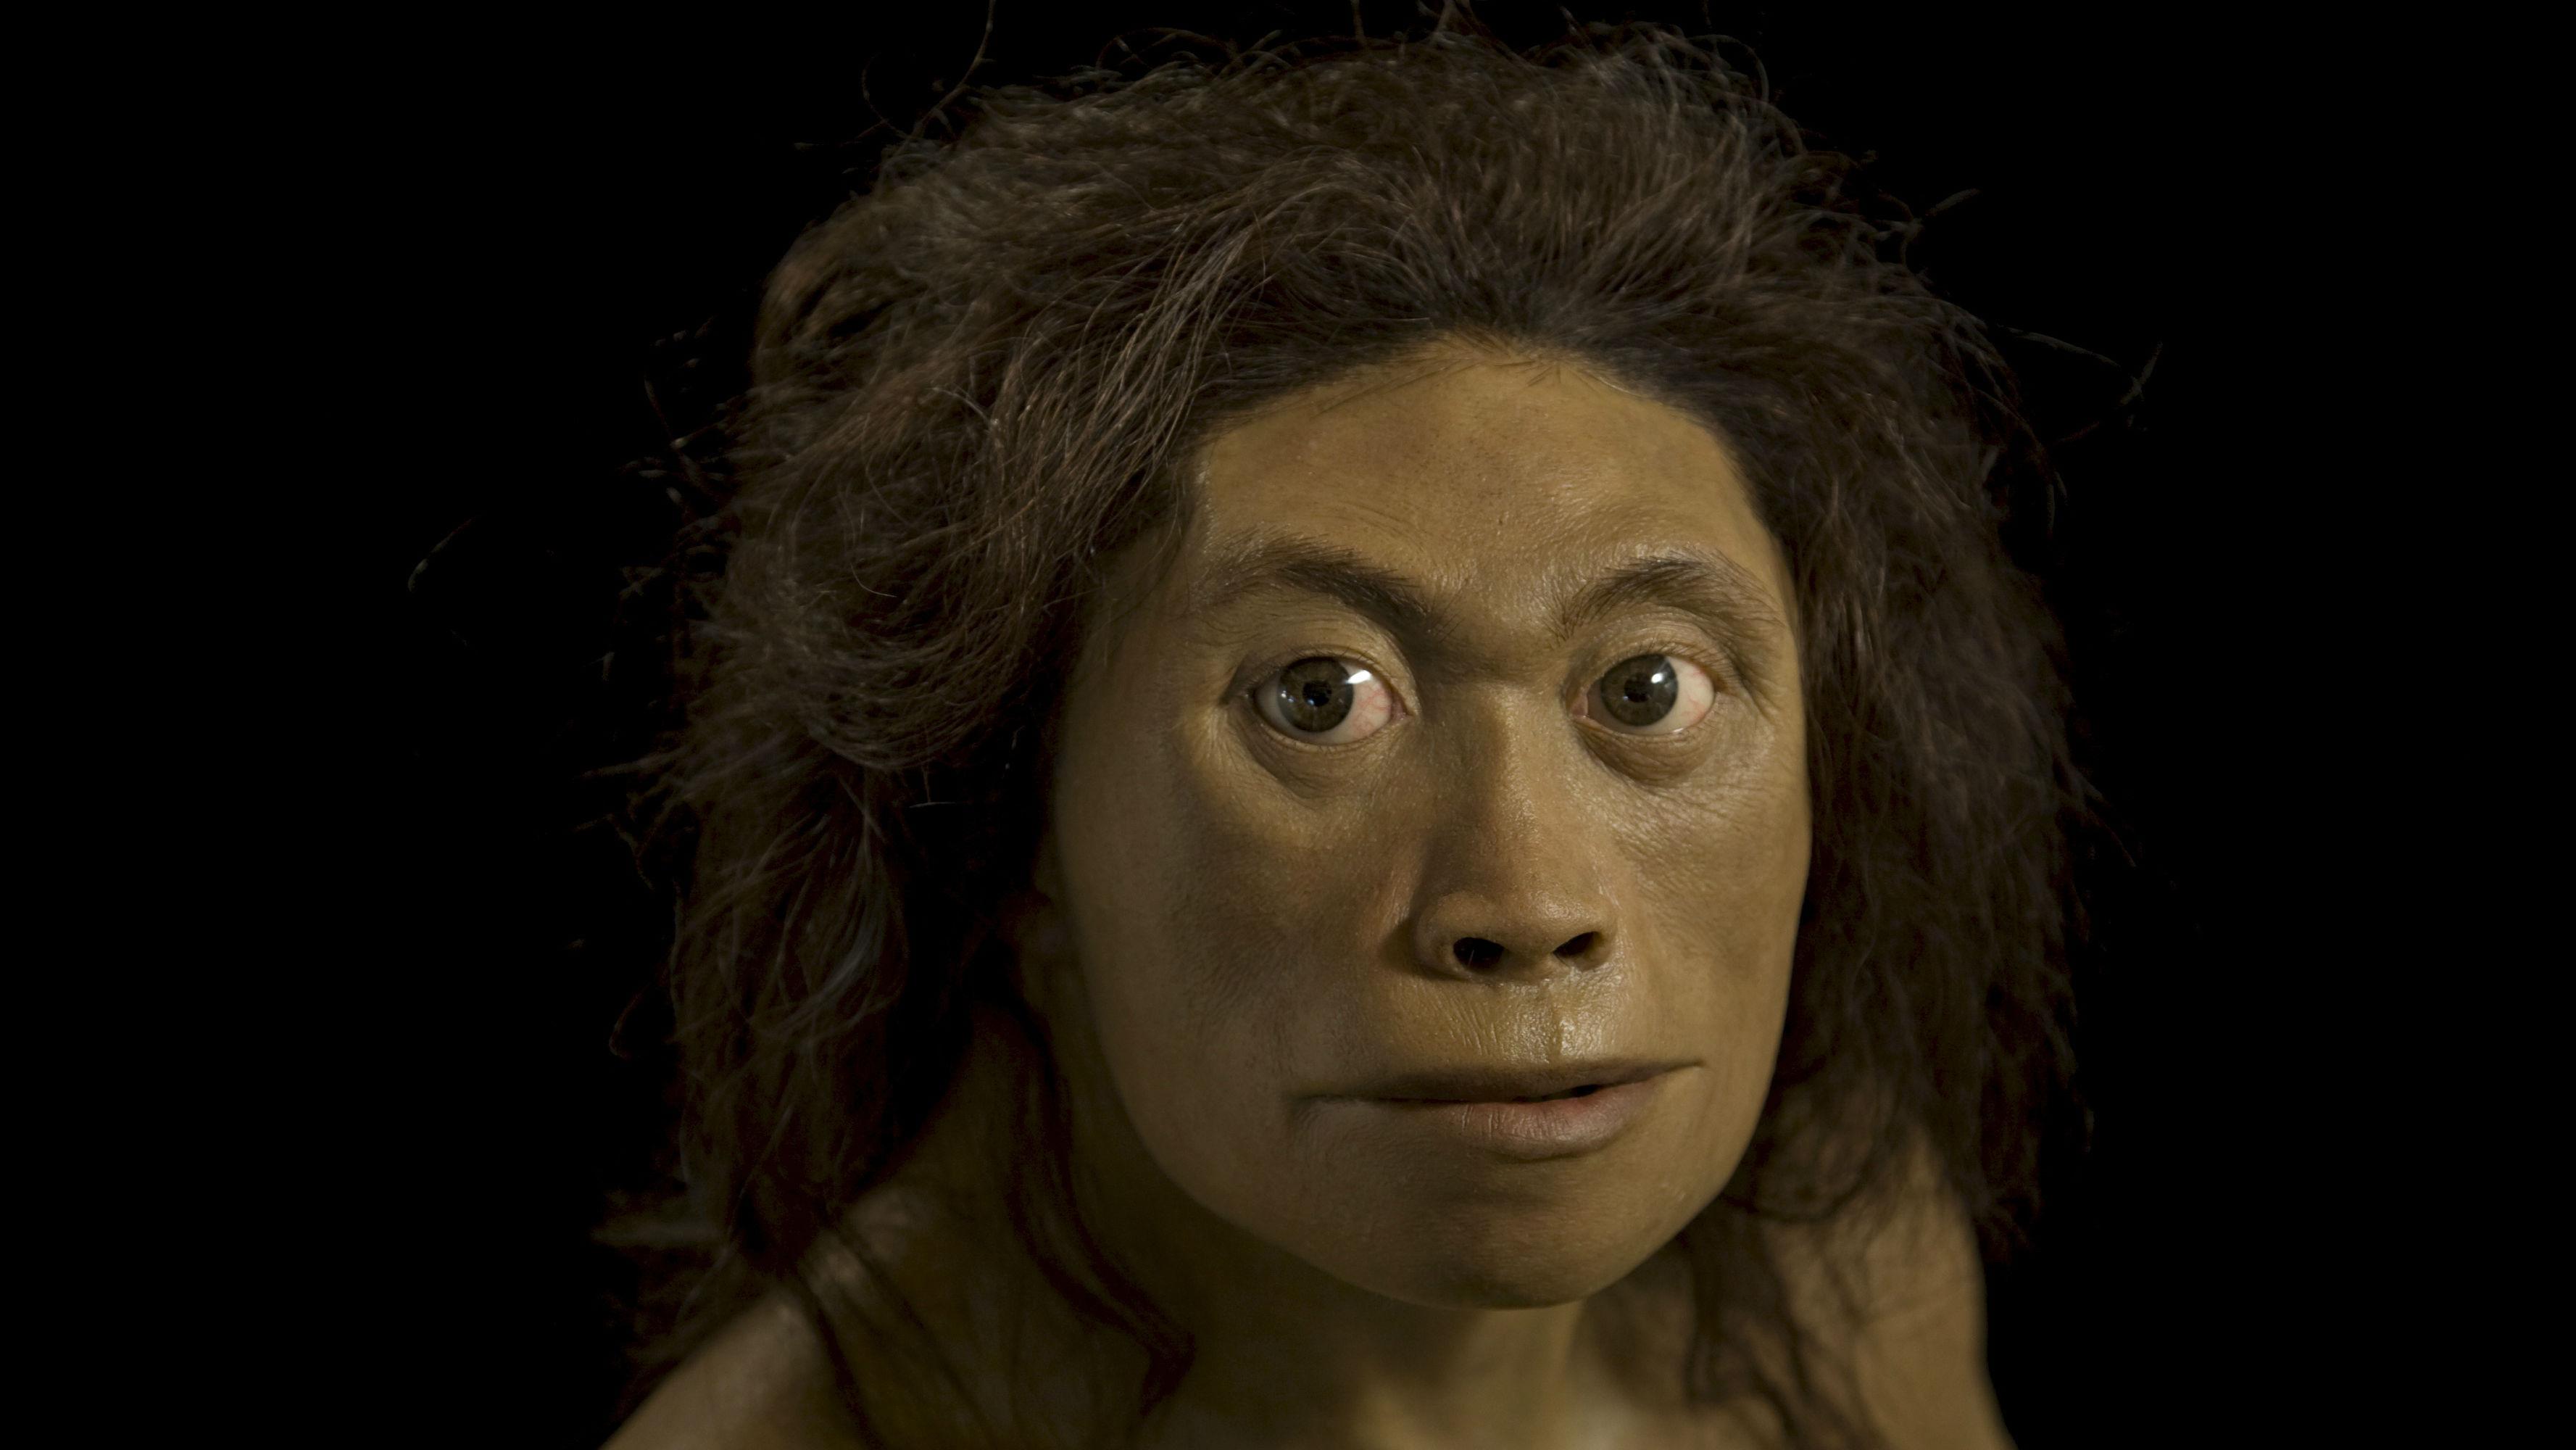 Otros detalles muy importantes y recientemente encontrados indican que el floresiensis tenía una muñeca más parecida a los chimpancés que no les permitía una habilidad tan diestra con los pulgares.